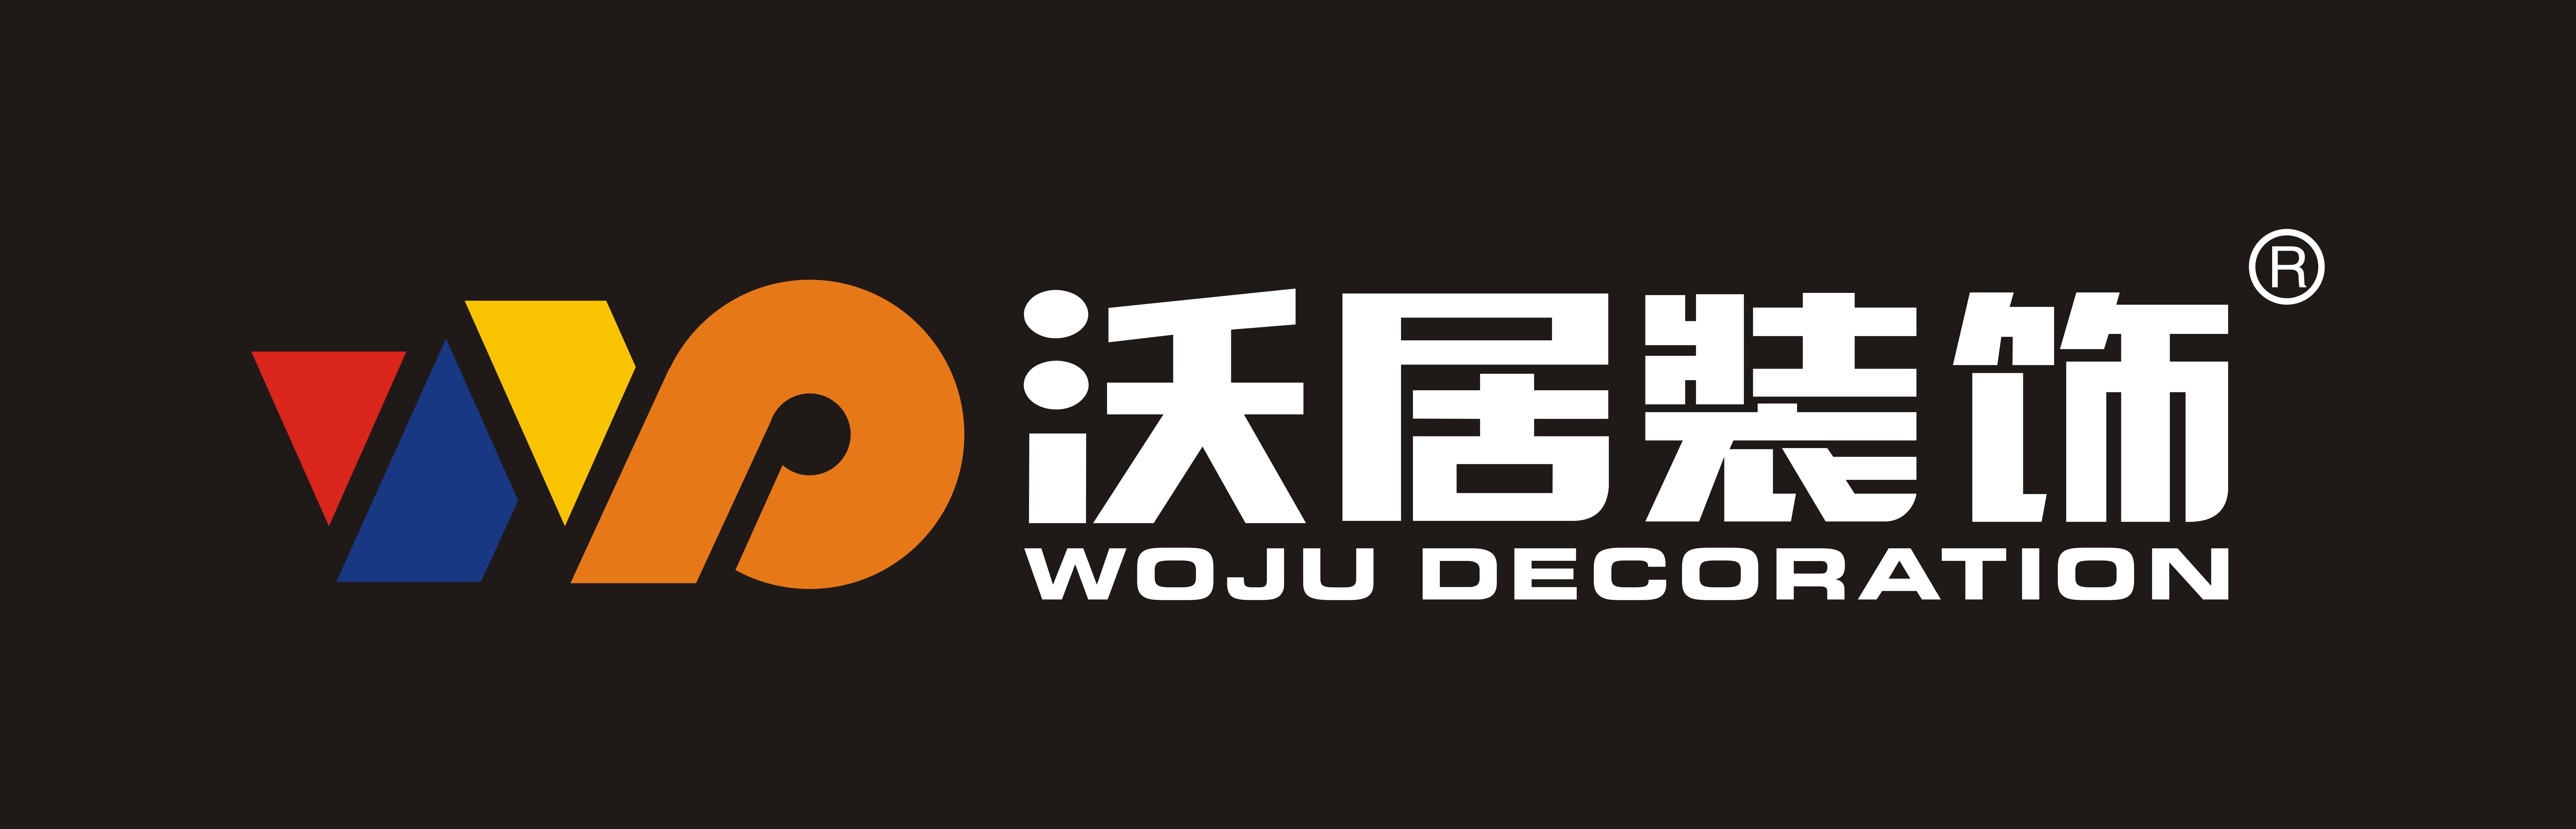 佛山市沃居装饰工程设计有限公司赣州分公司